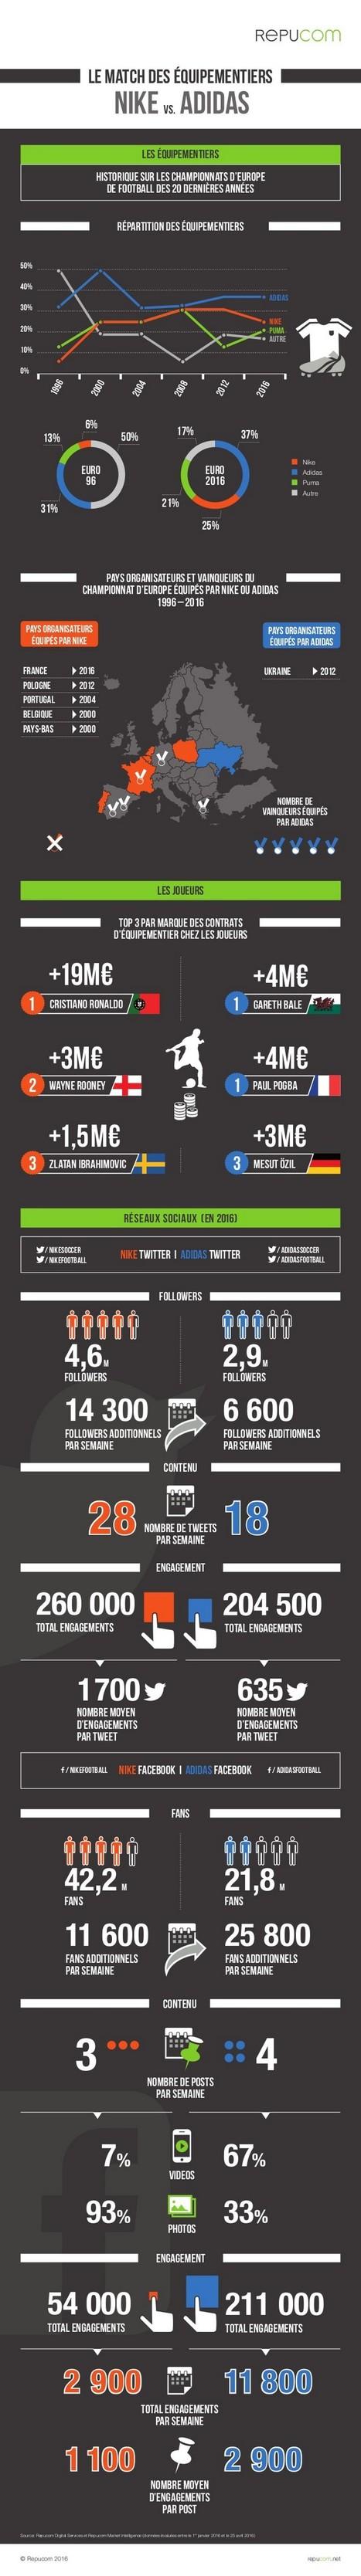 Euro 2016, le match des équipementiers   Les infographies !   Scoop.it